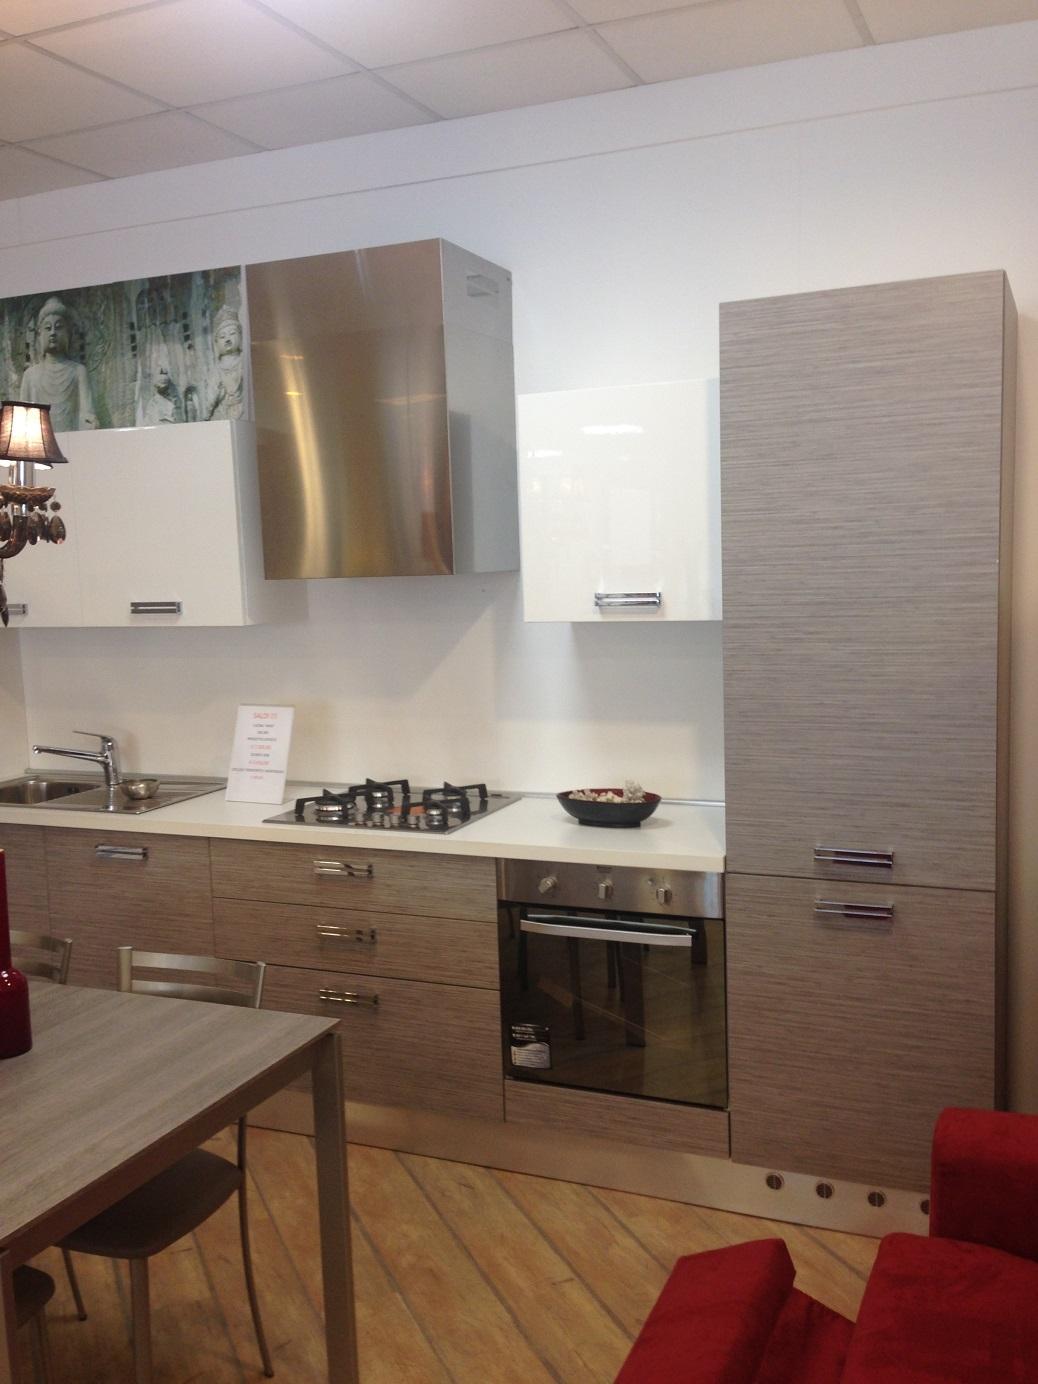 Cucina modello iride di astra cucine scontata del 50 cucine a prezzi scontati - Astra cucine prezzi ...